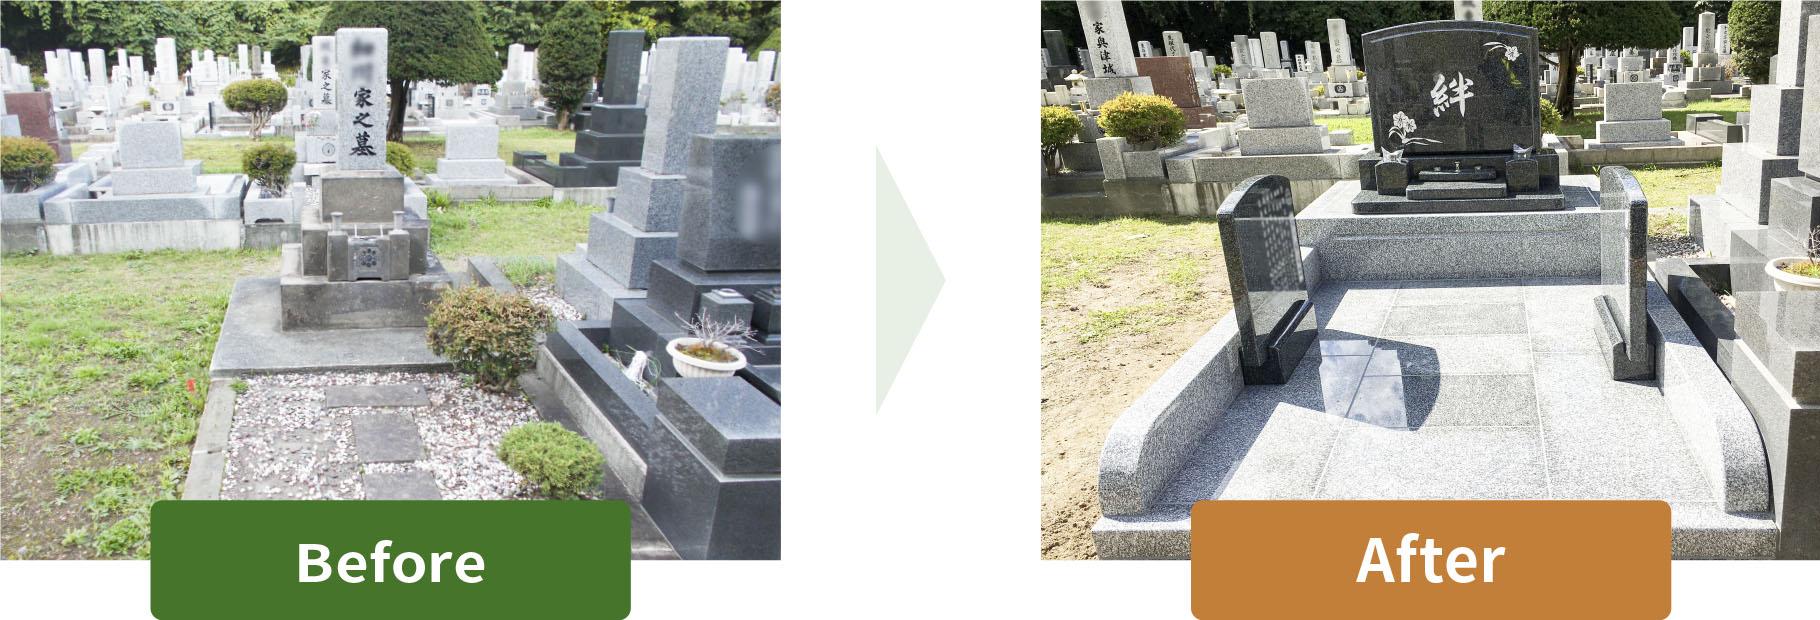 お墓のリフォーム例